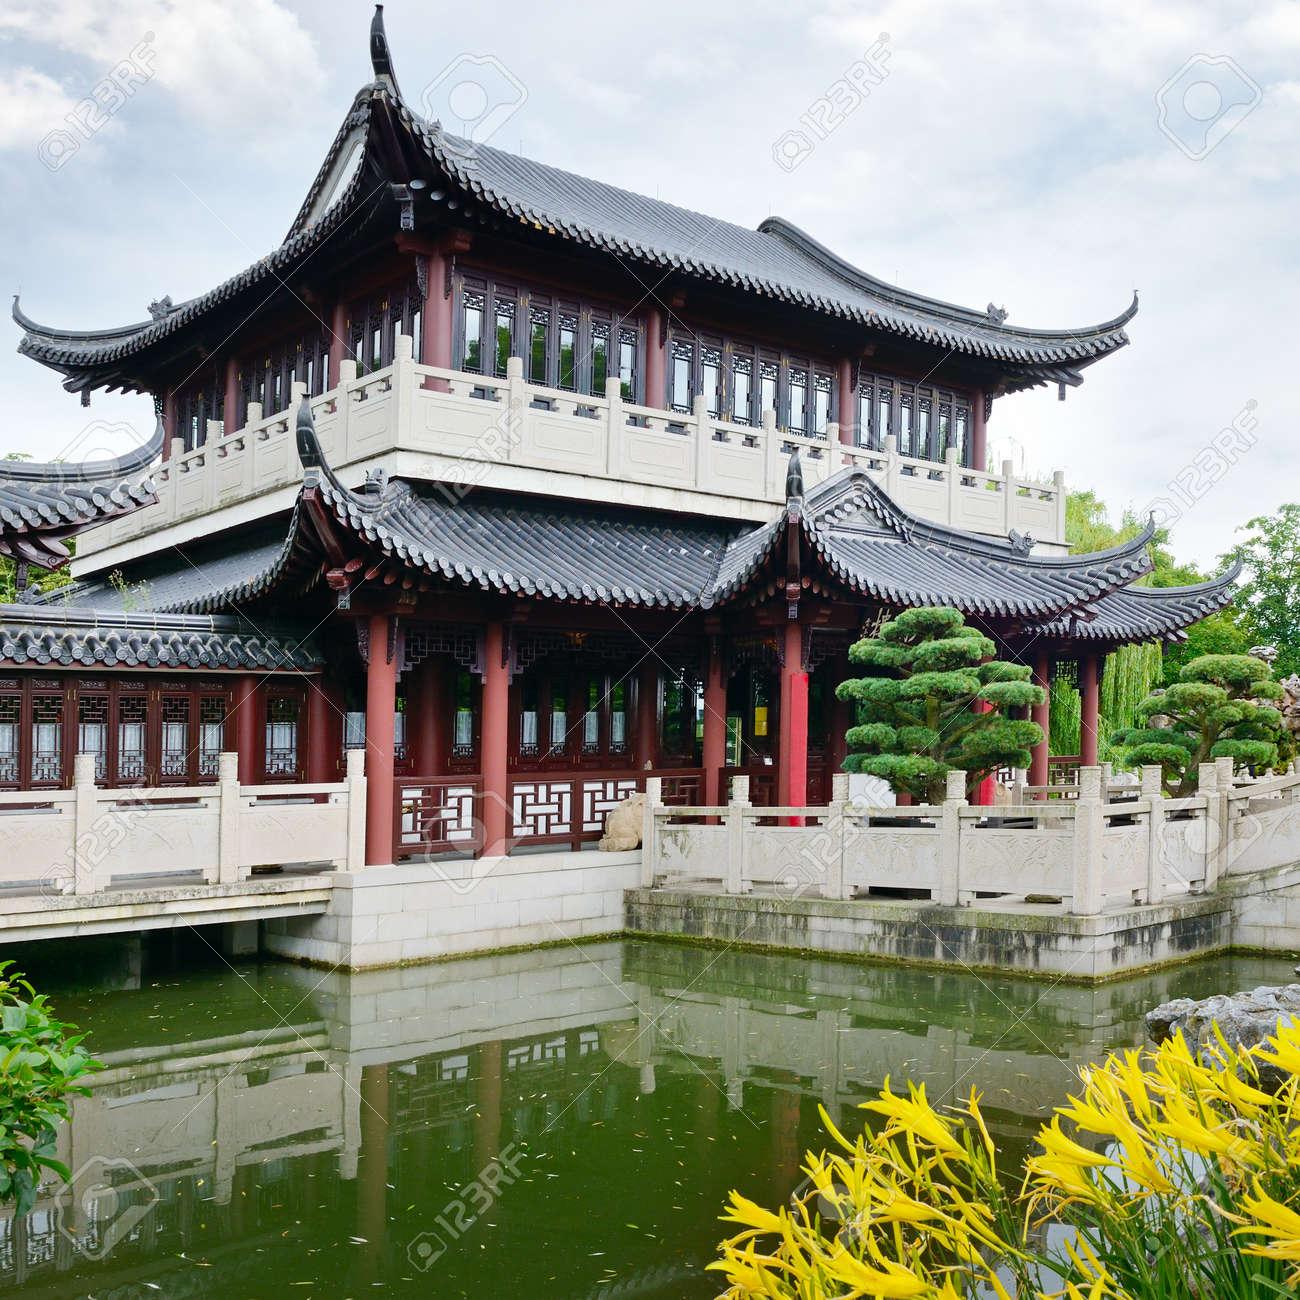 Pagoda on the lake - 20287918